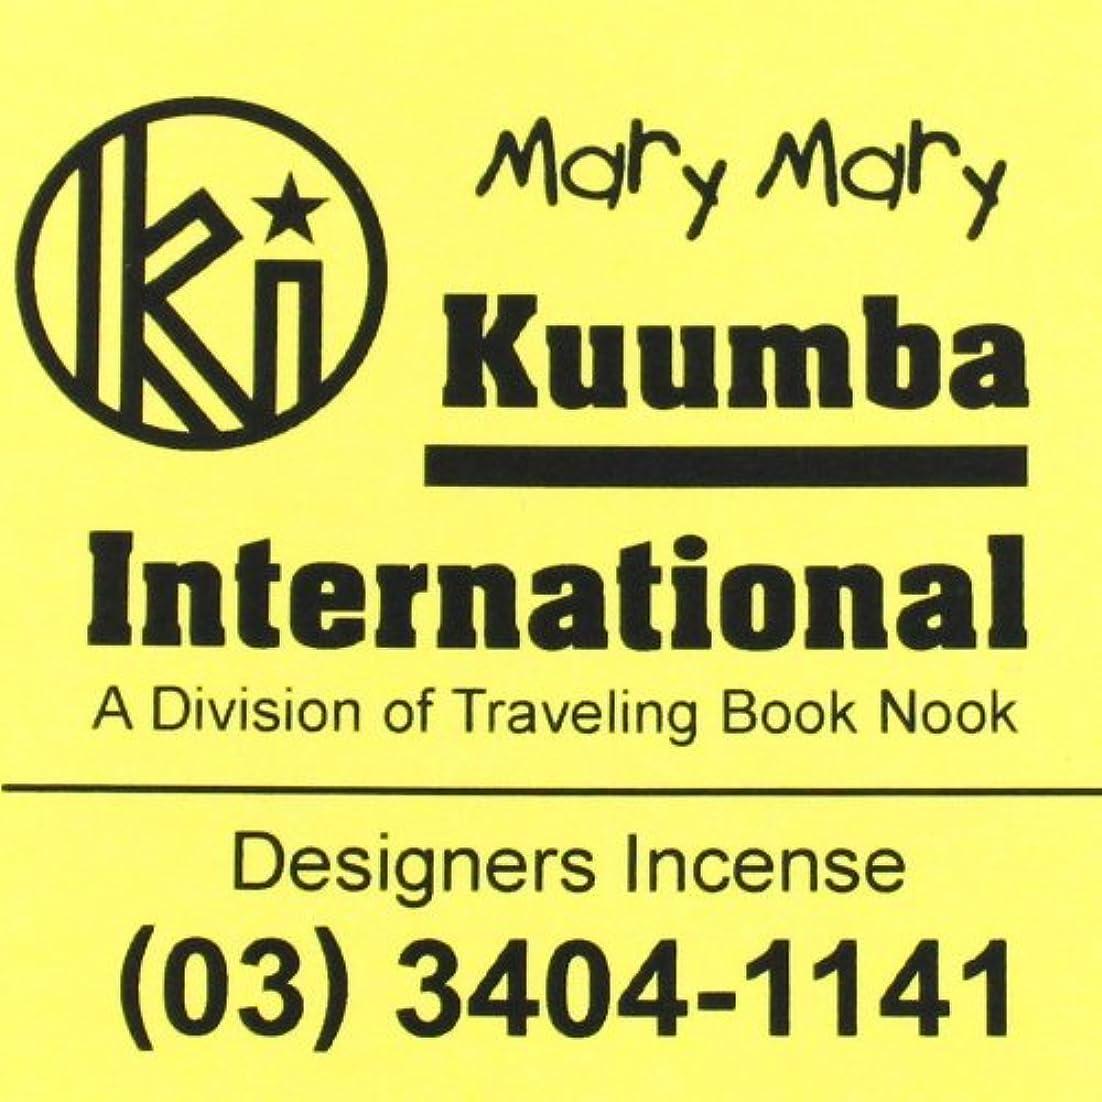 満たすドローマンハッタン(クンバ) KUUMBA『incense』(Mary Mary) (Regular size)